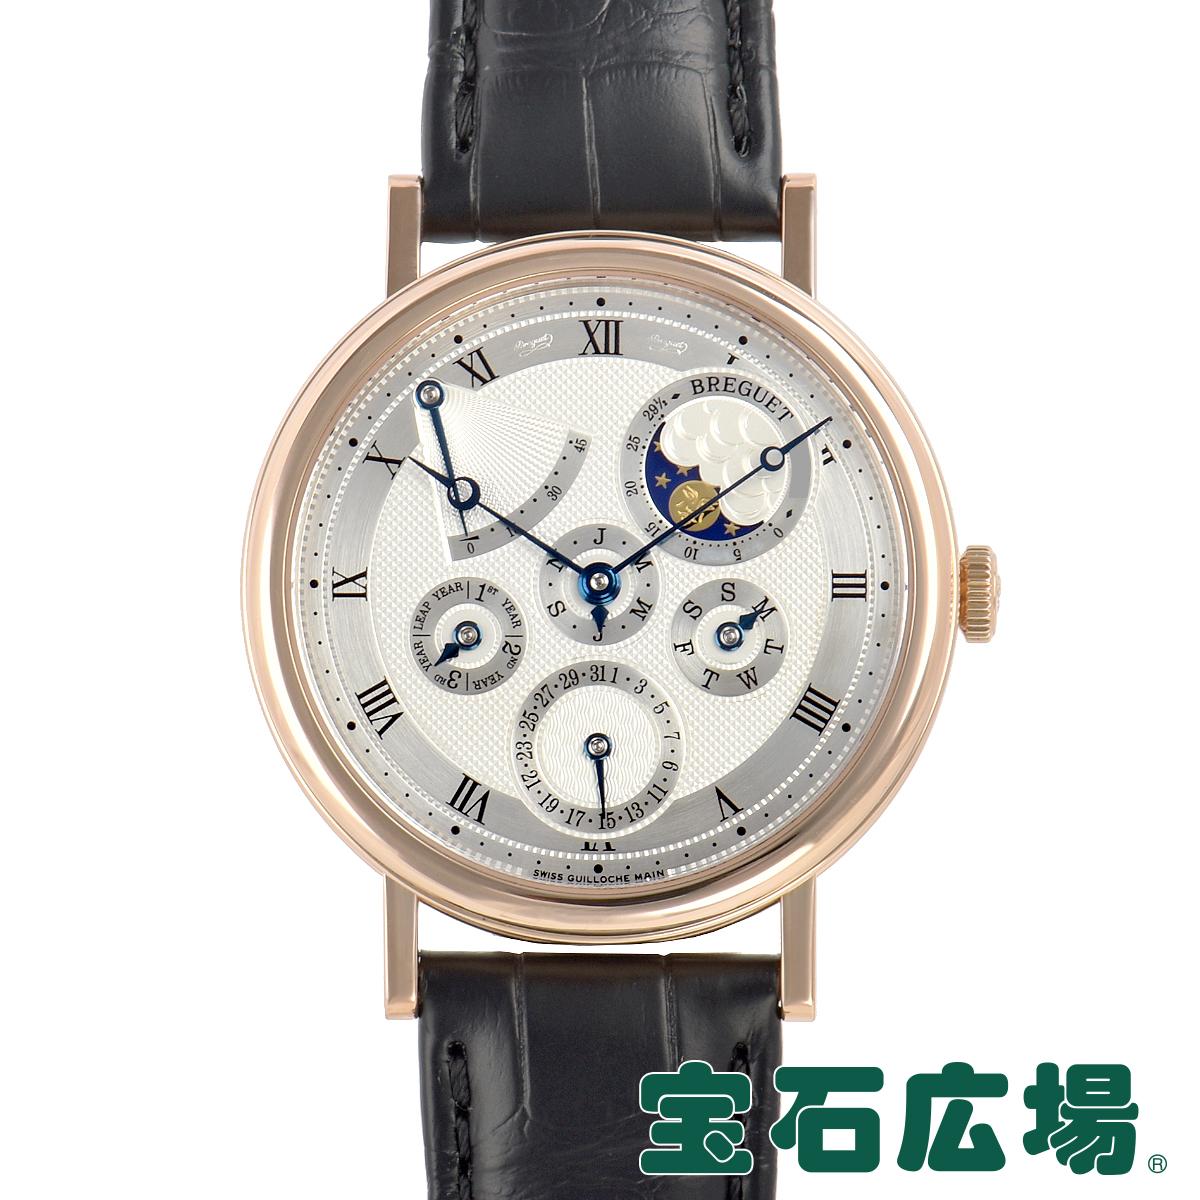 腕時計 BREGUET パーペチュアルカレンダー ブレゲ クラシック パワーリザーブ 送料無料 5327BR/1E/9V6【中古】メンズ